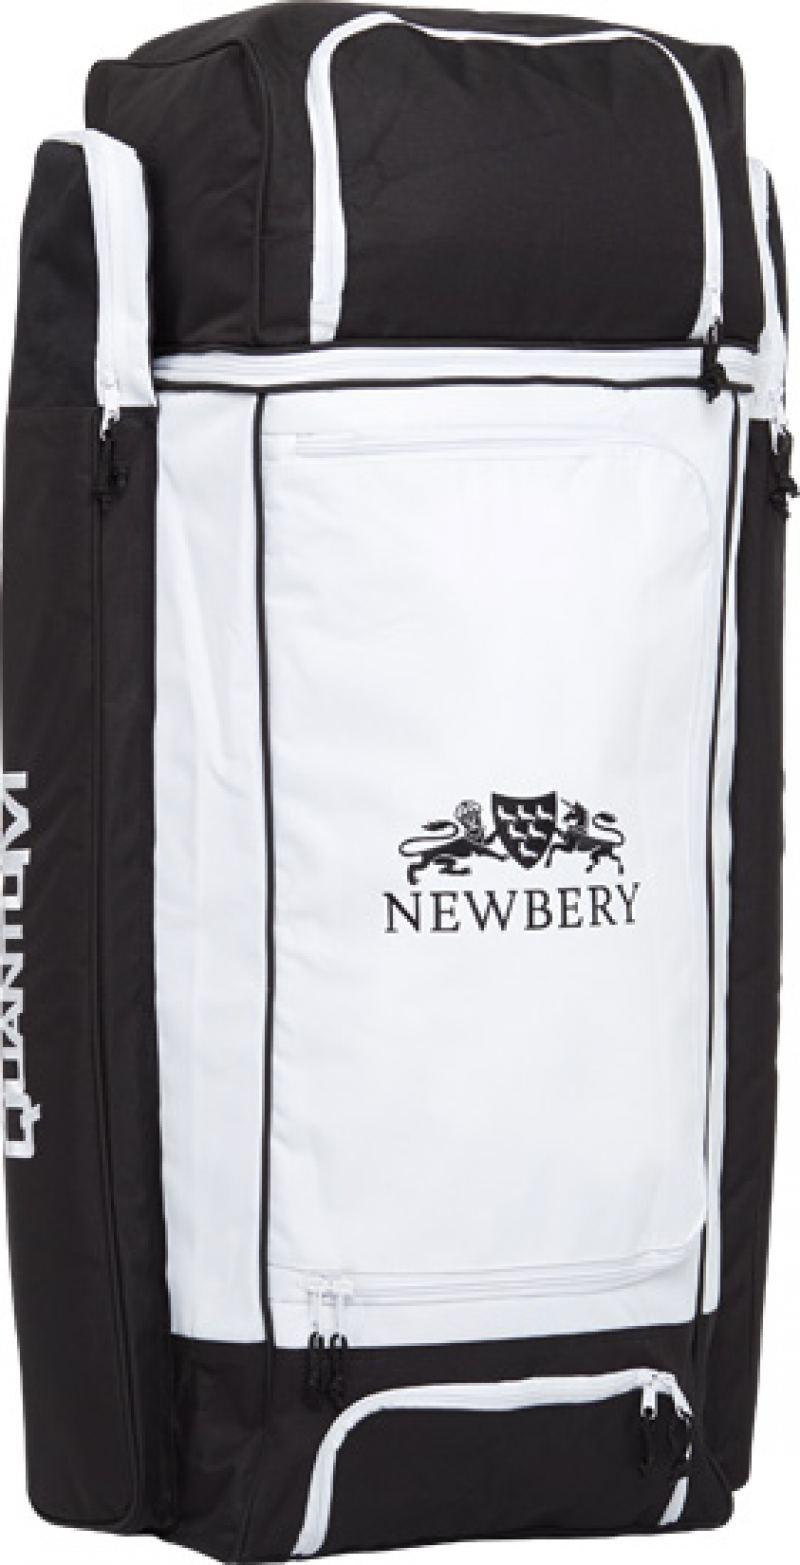 Newbery Quantum Duffle Bag